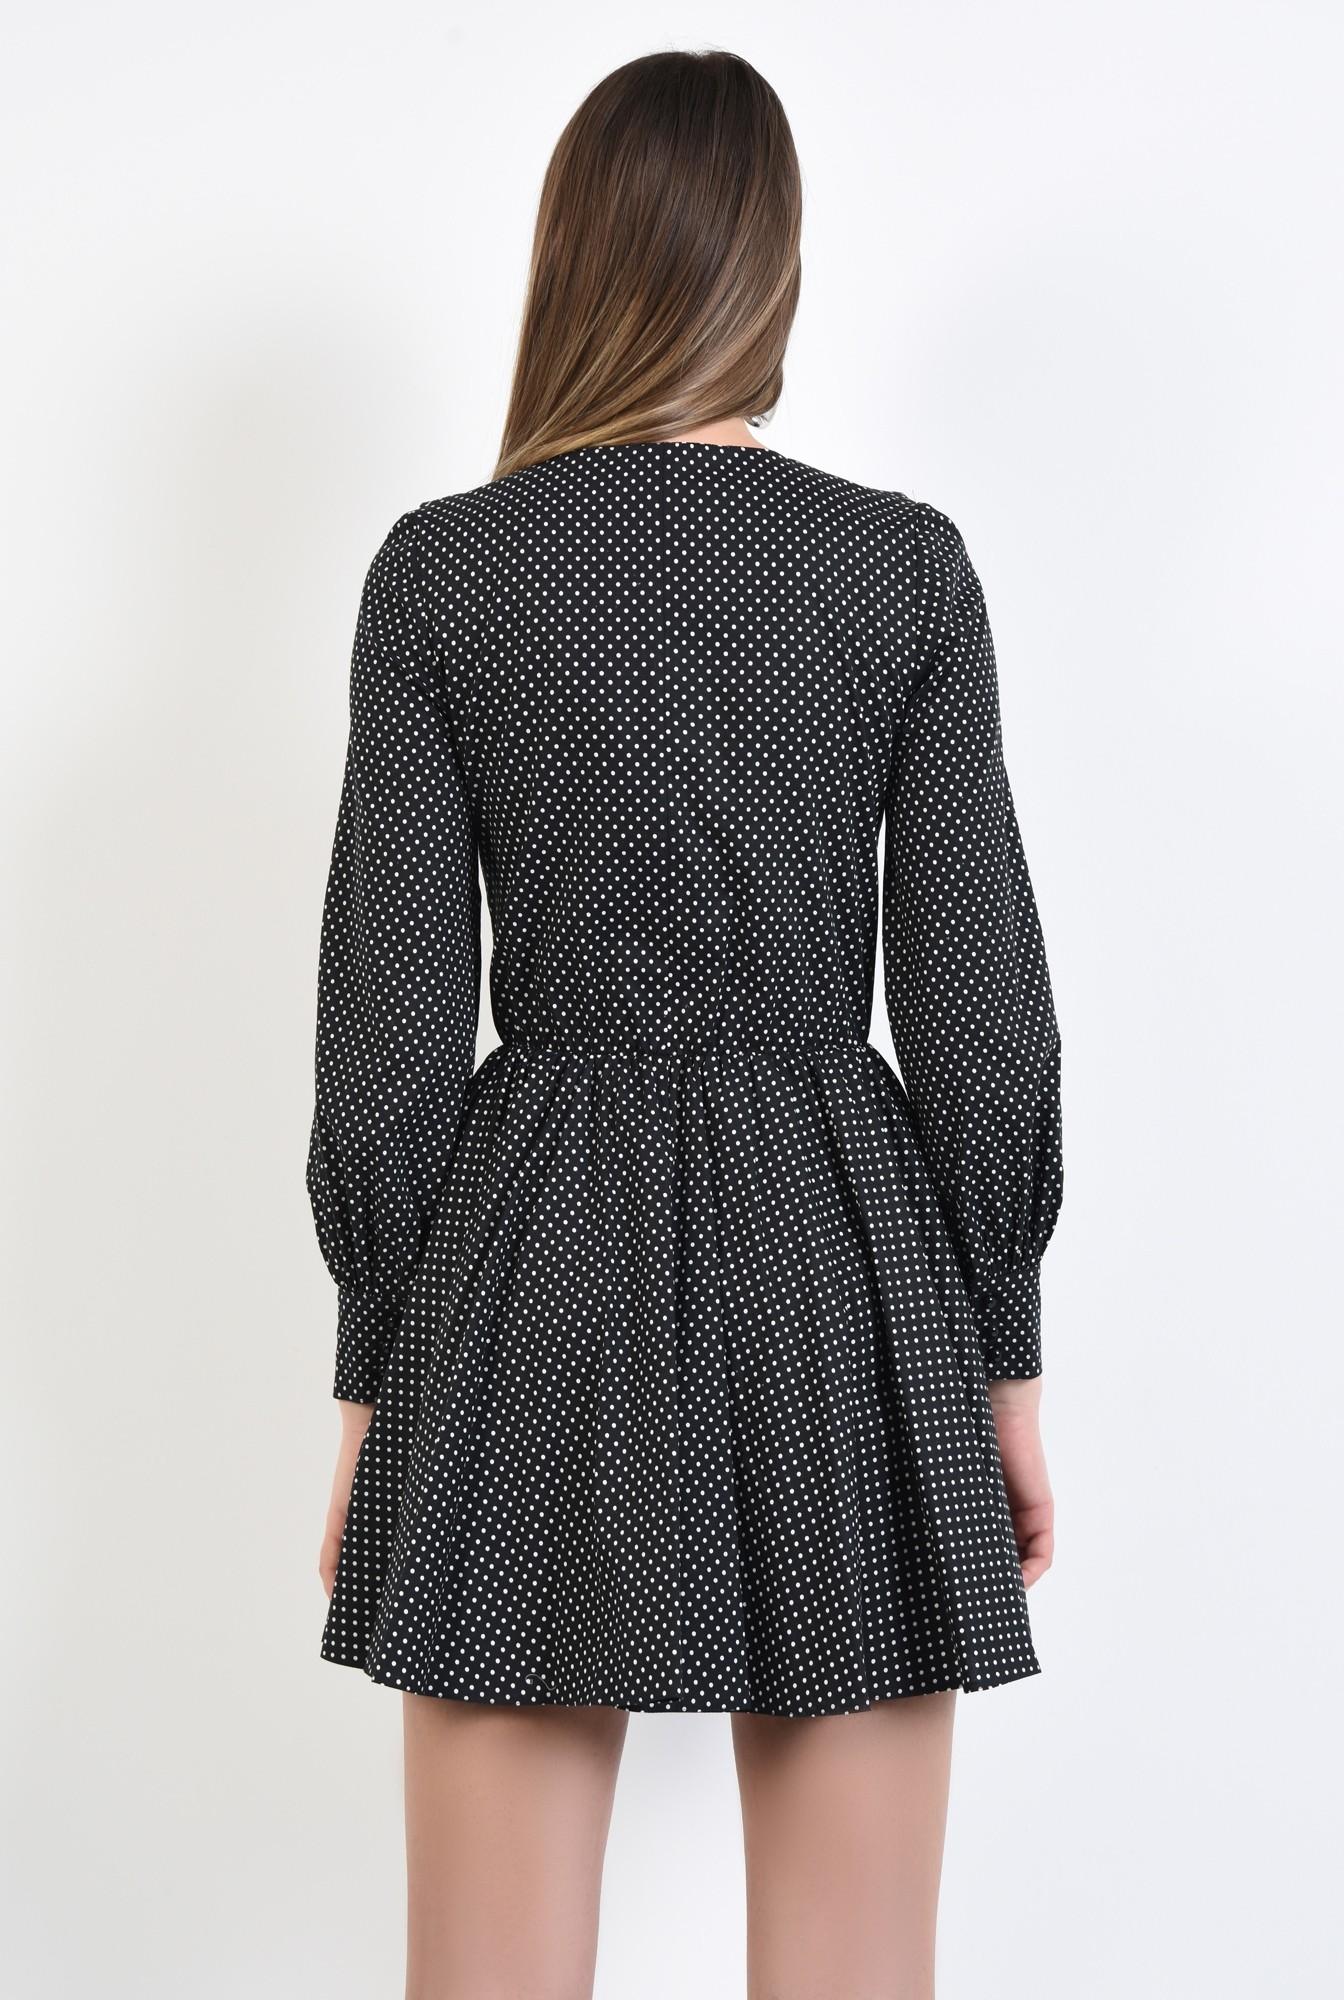 1 - rochie mini, neagra, cu volan, anchior, maneci lungi